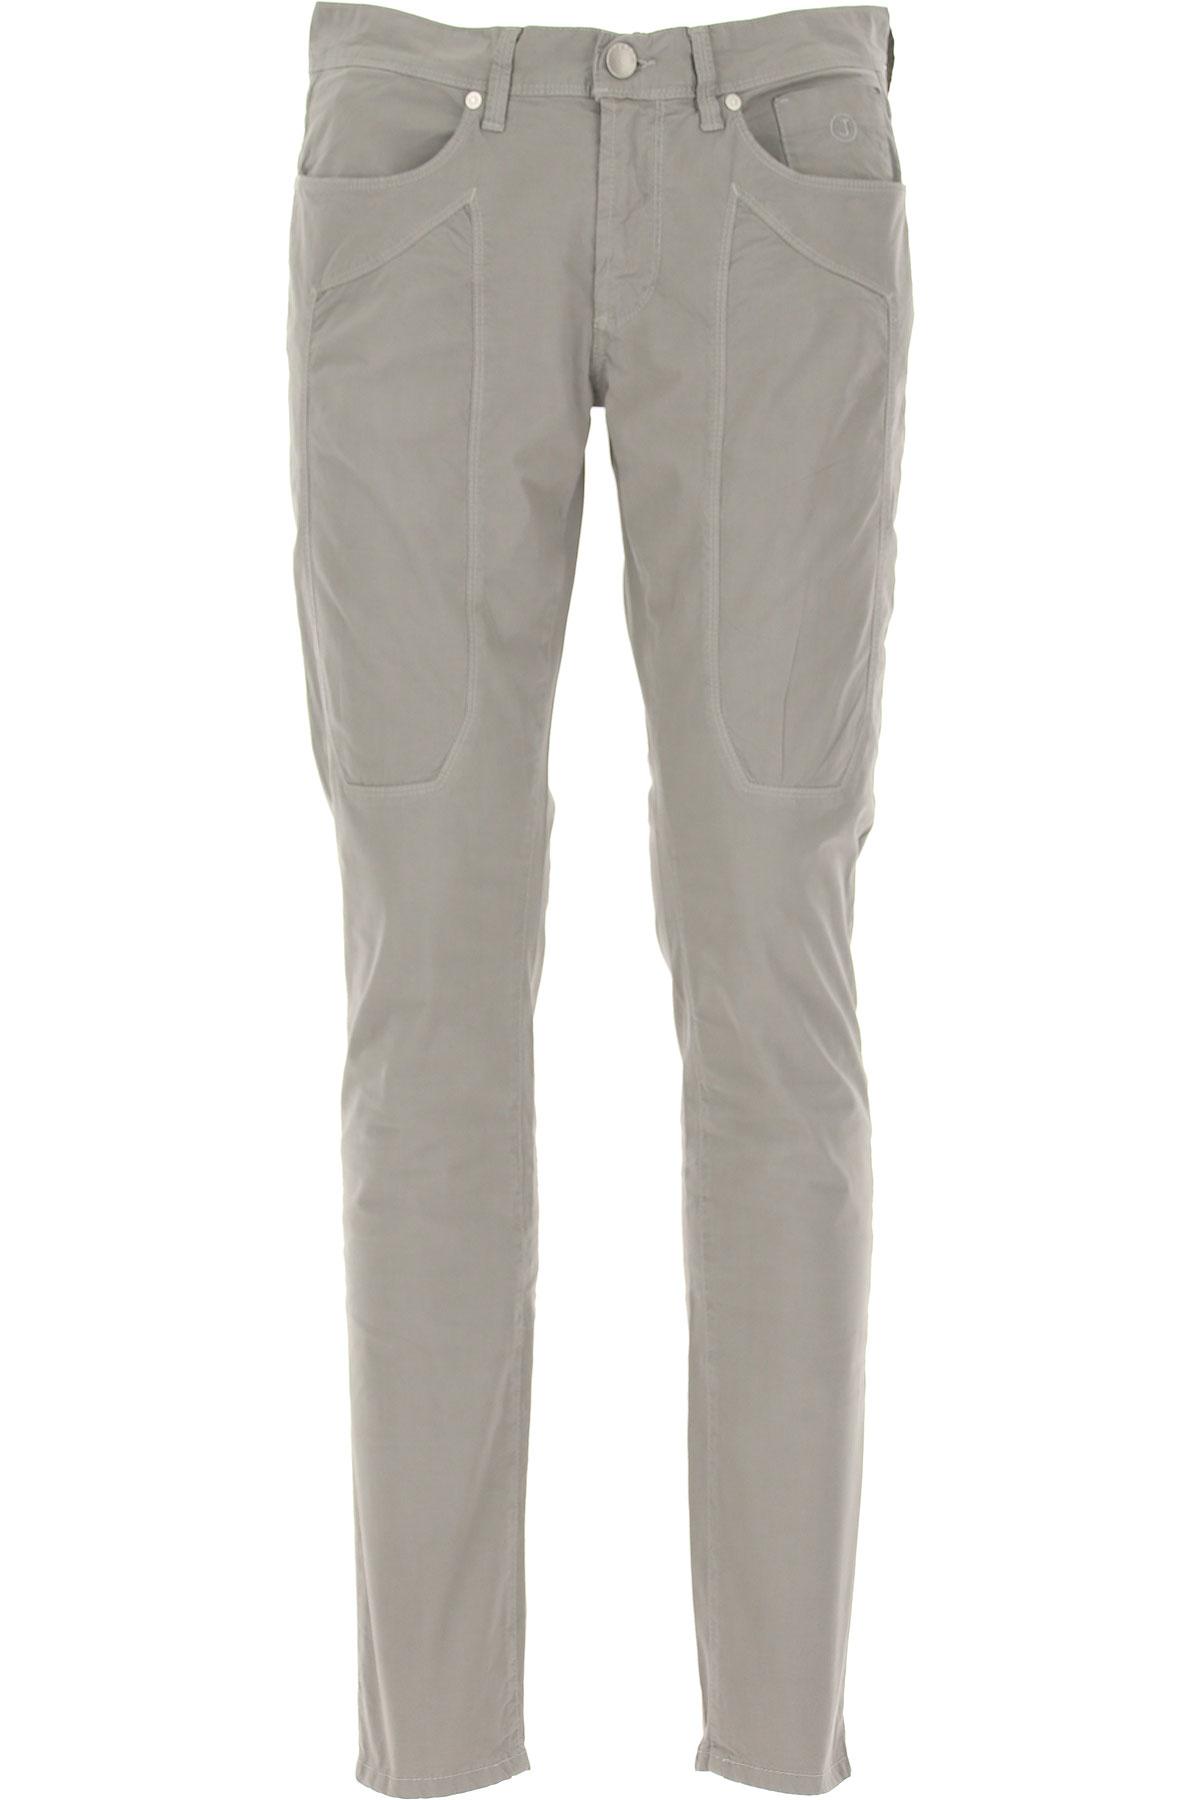 Jeckerson Pantalon Homme, Gris, Coton, 2019, 47 48 49 50 51 52